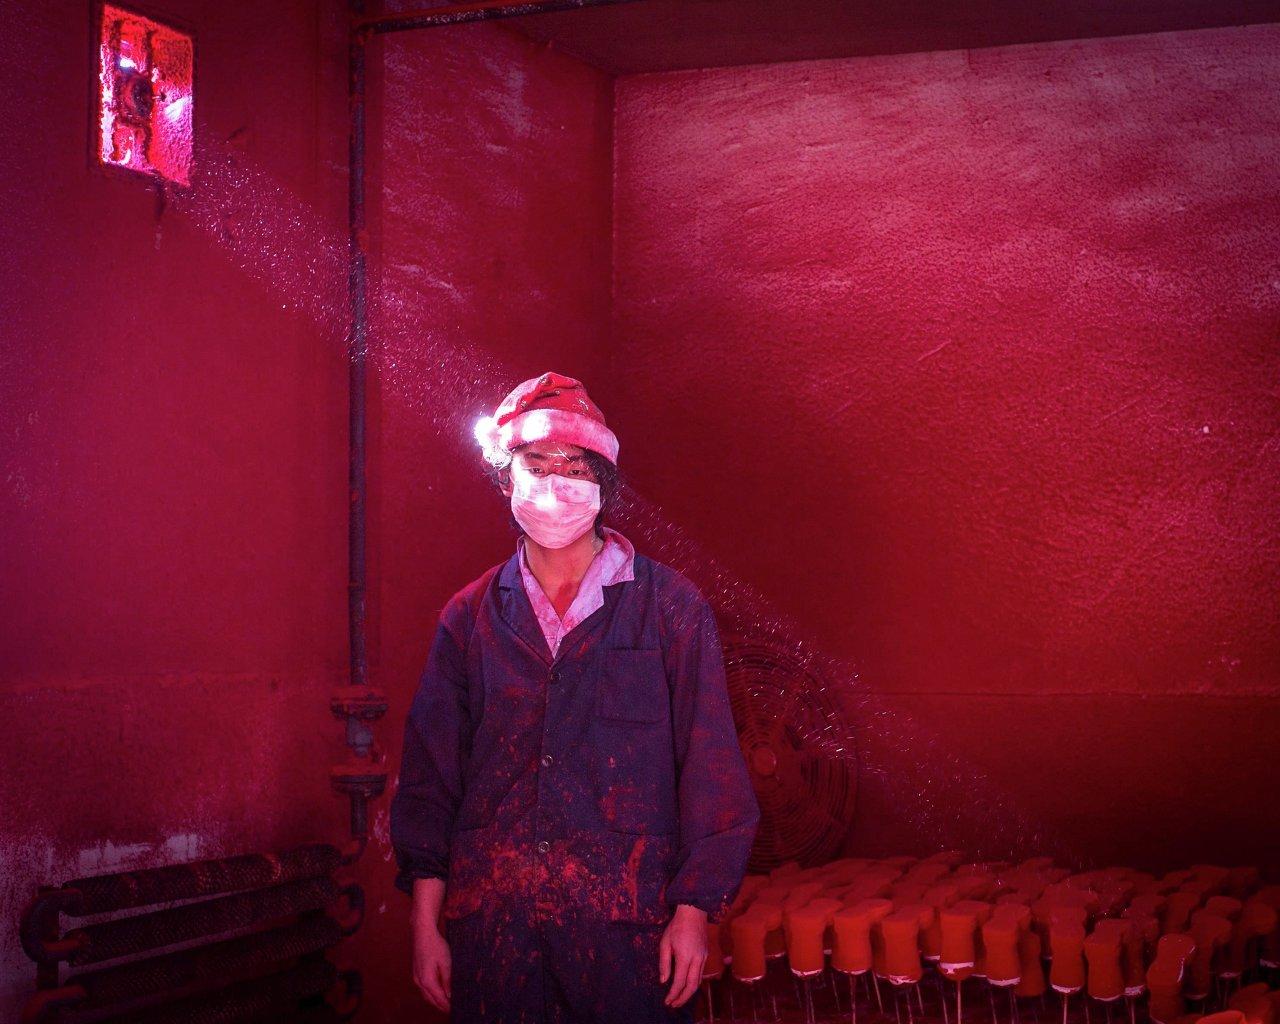 Le Chinois Wei a 19 ans et est ouvrier dans une usine de décorations de Noël. Une photo par Ronghui Chen